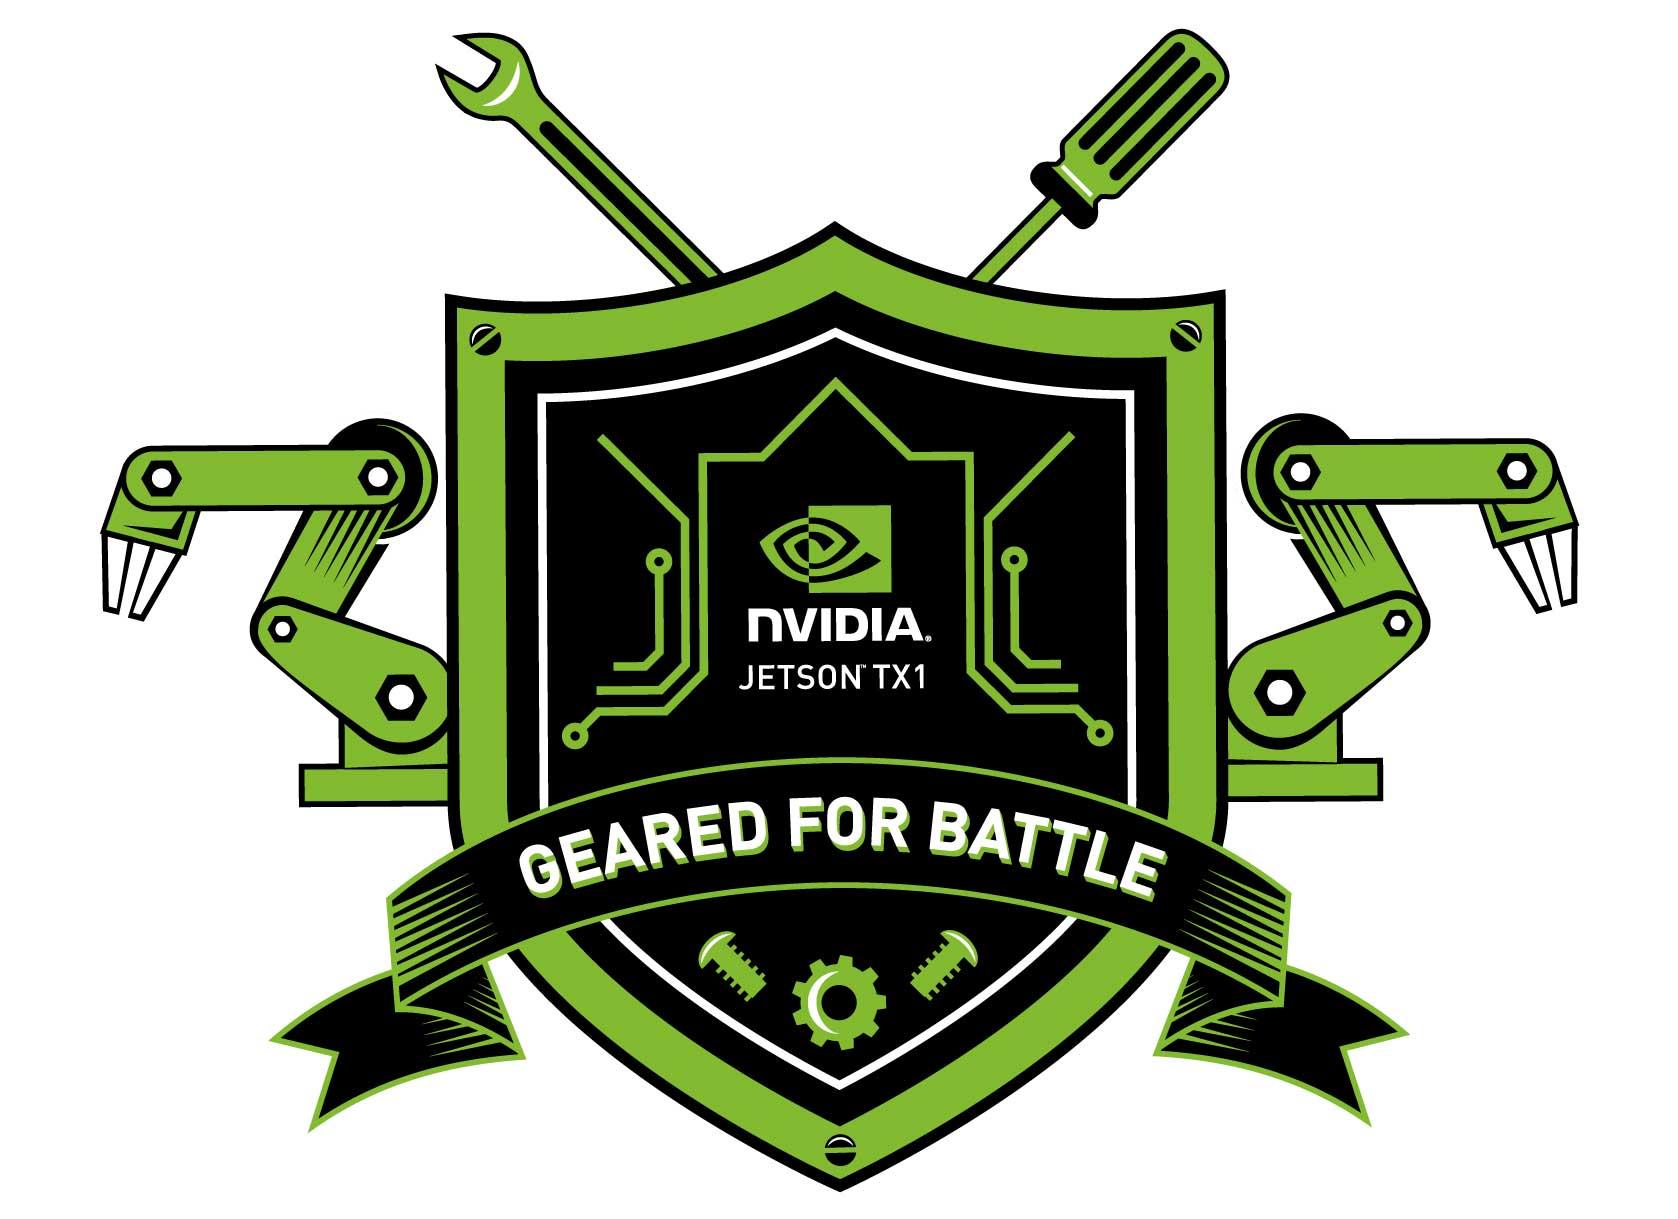 Geared for Battle logo